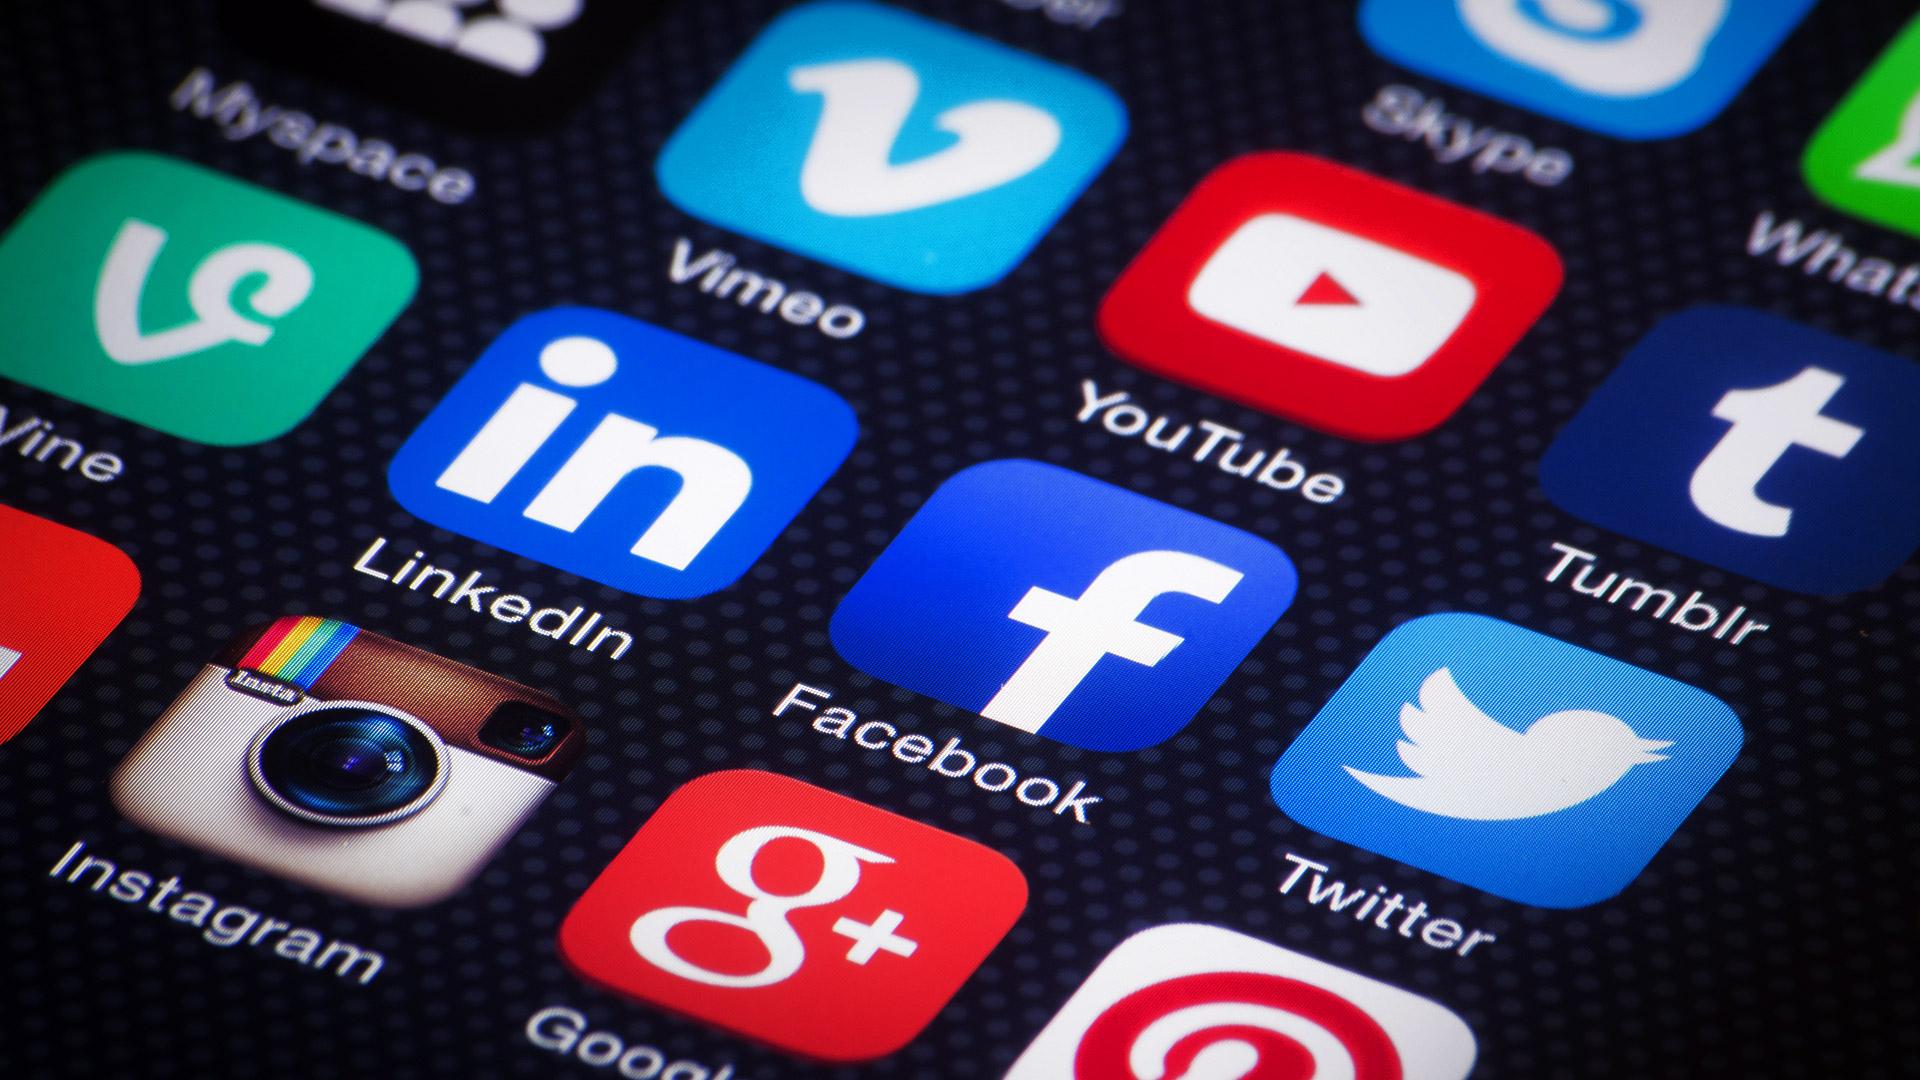 Konten Video di Media Sosial